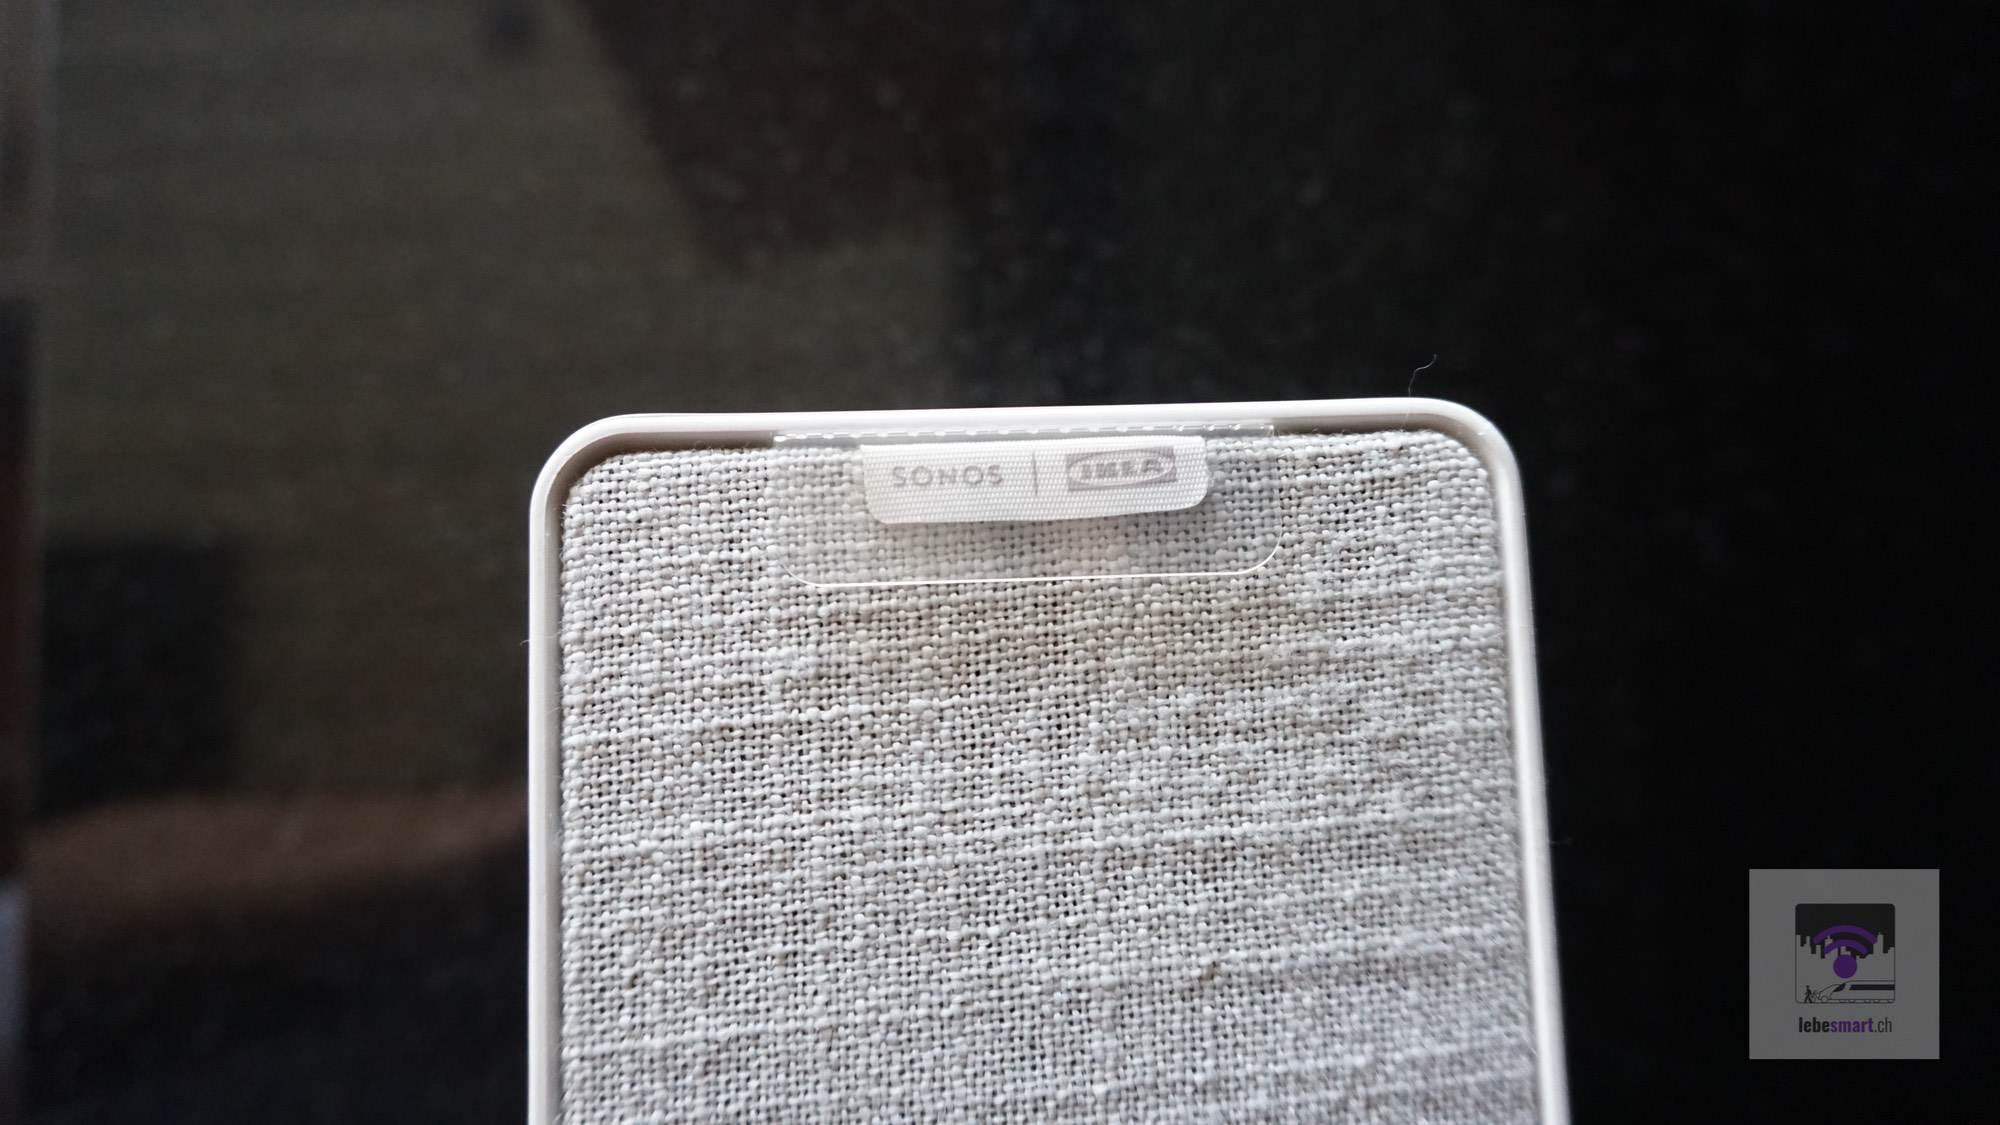 Das SONOS/IKEA-Label